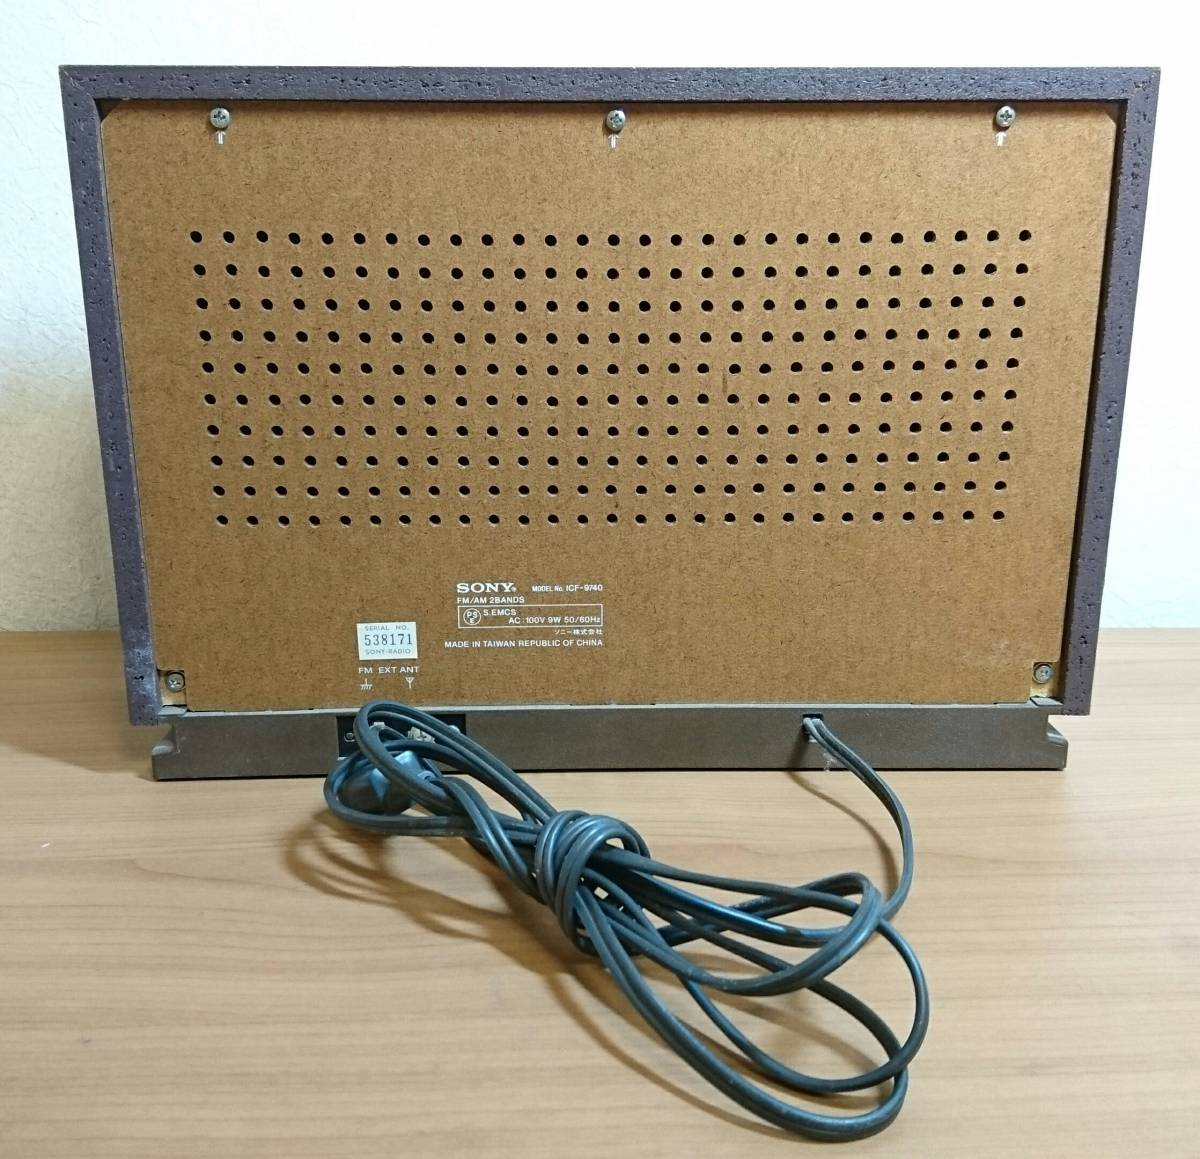 北①23 SONY ソニー ラジオ ICF-9740 AM NHK 受信可 通電確認 アンティーク オーディオ機器 保証なし 状態良好 レトロ ラジオ_画像4